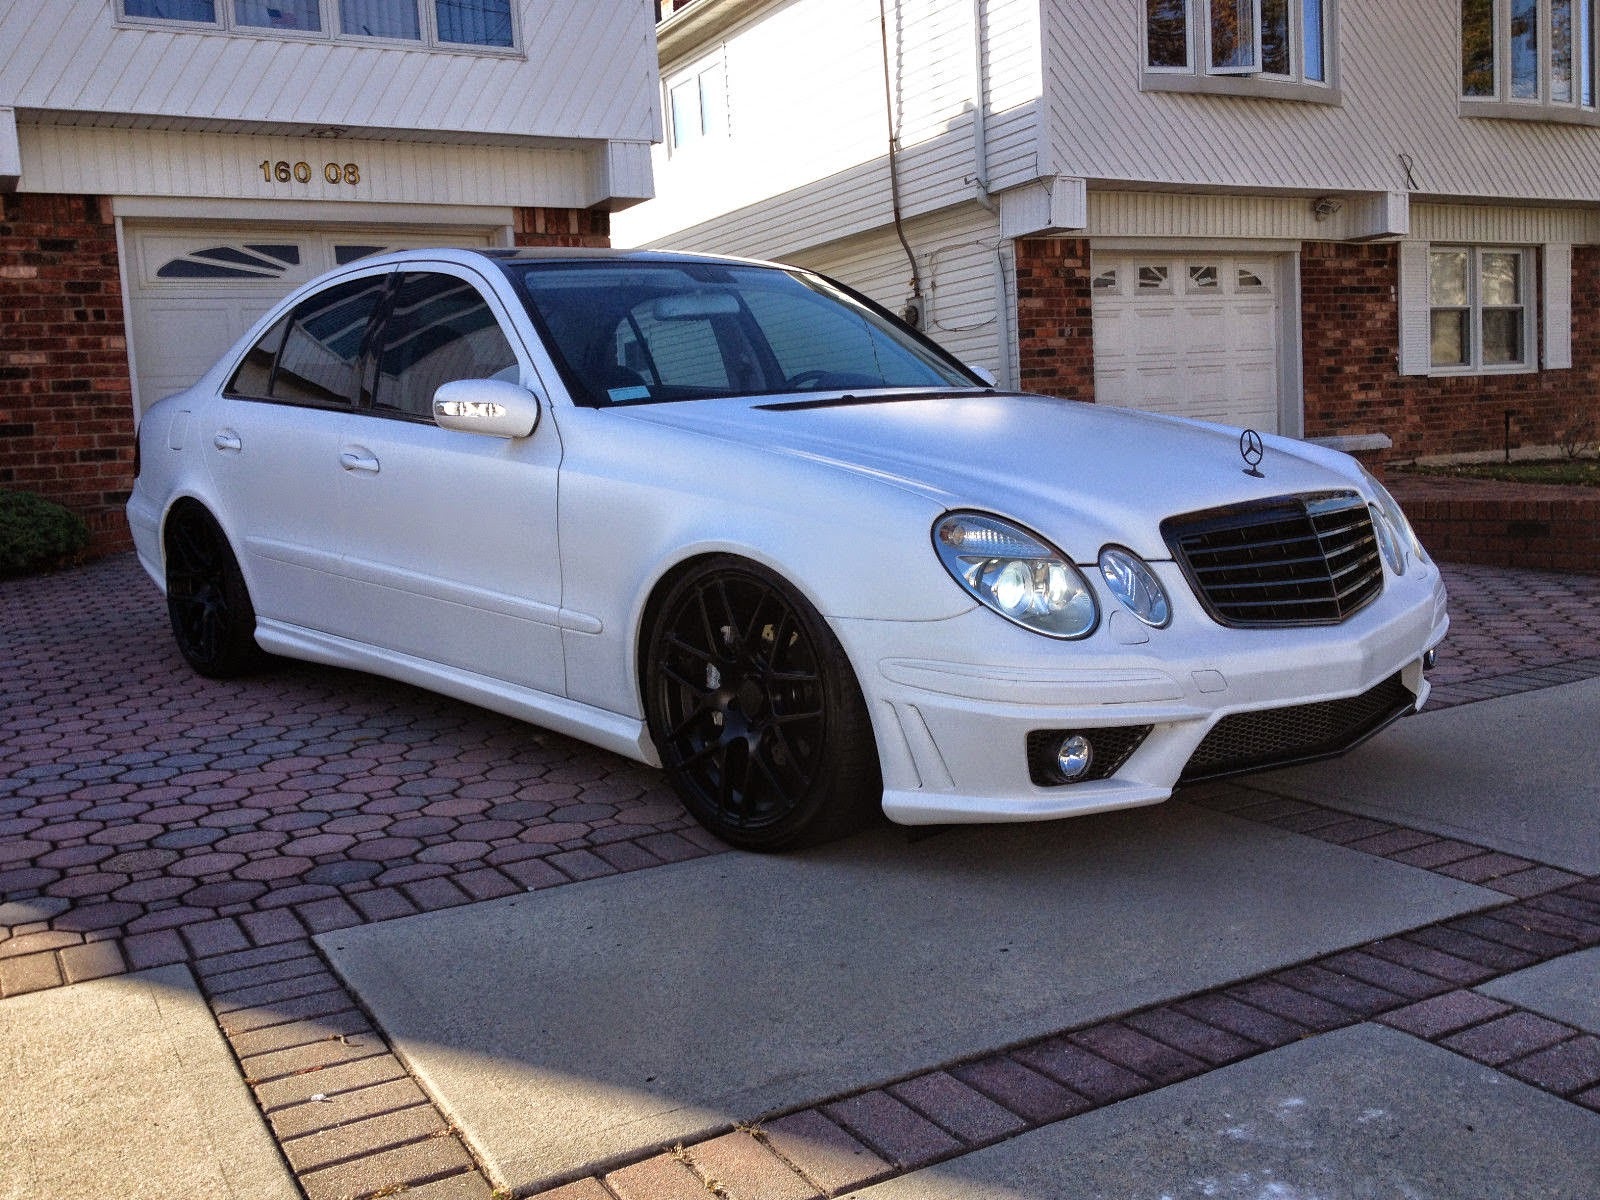 Mercedes benz e320 w211 e63 amg look benztuning for E320 mercedes benz